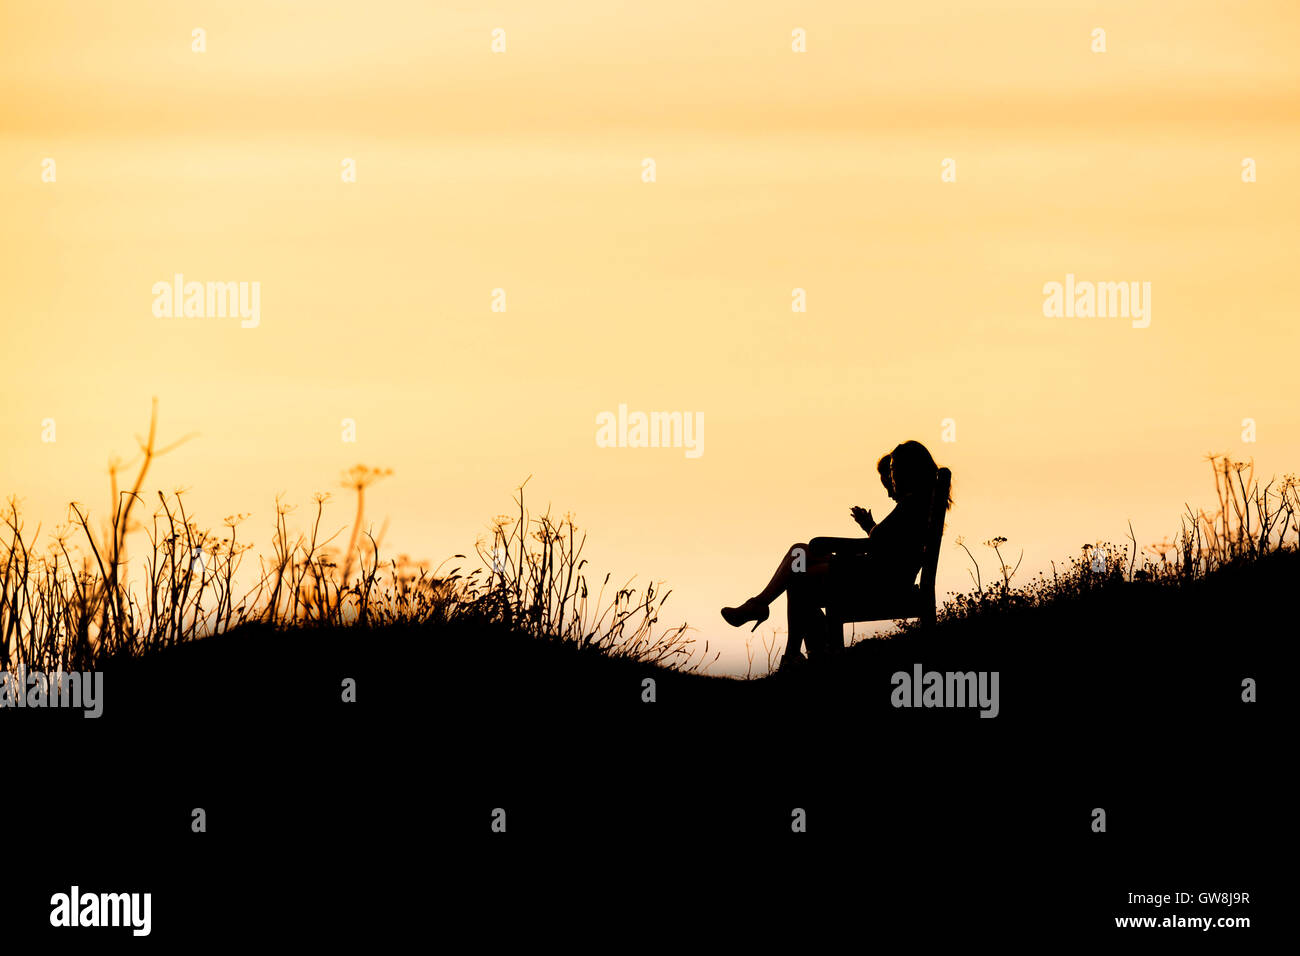 Les gens vu en silhouette lors d'un coucher de soleil intense. . Fistral Cornwall. Photo Stock